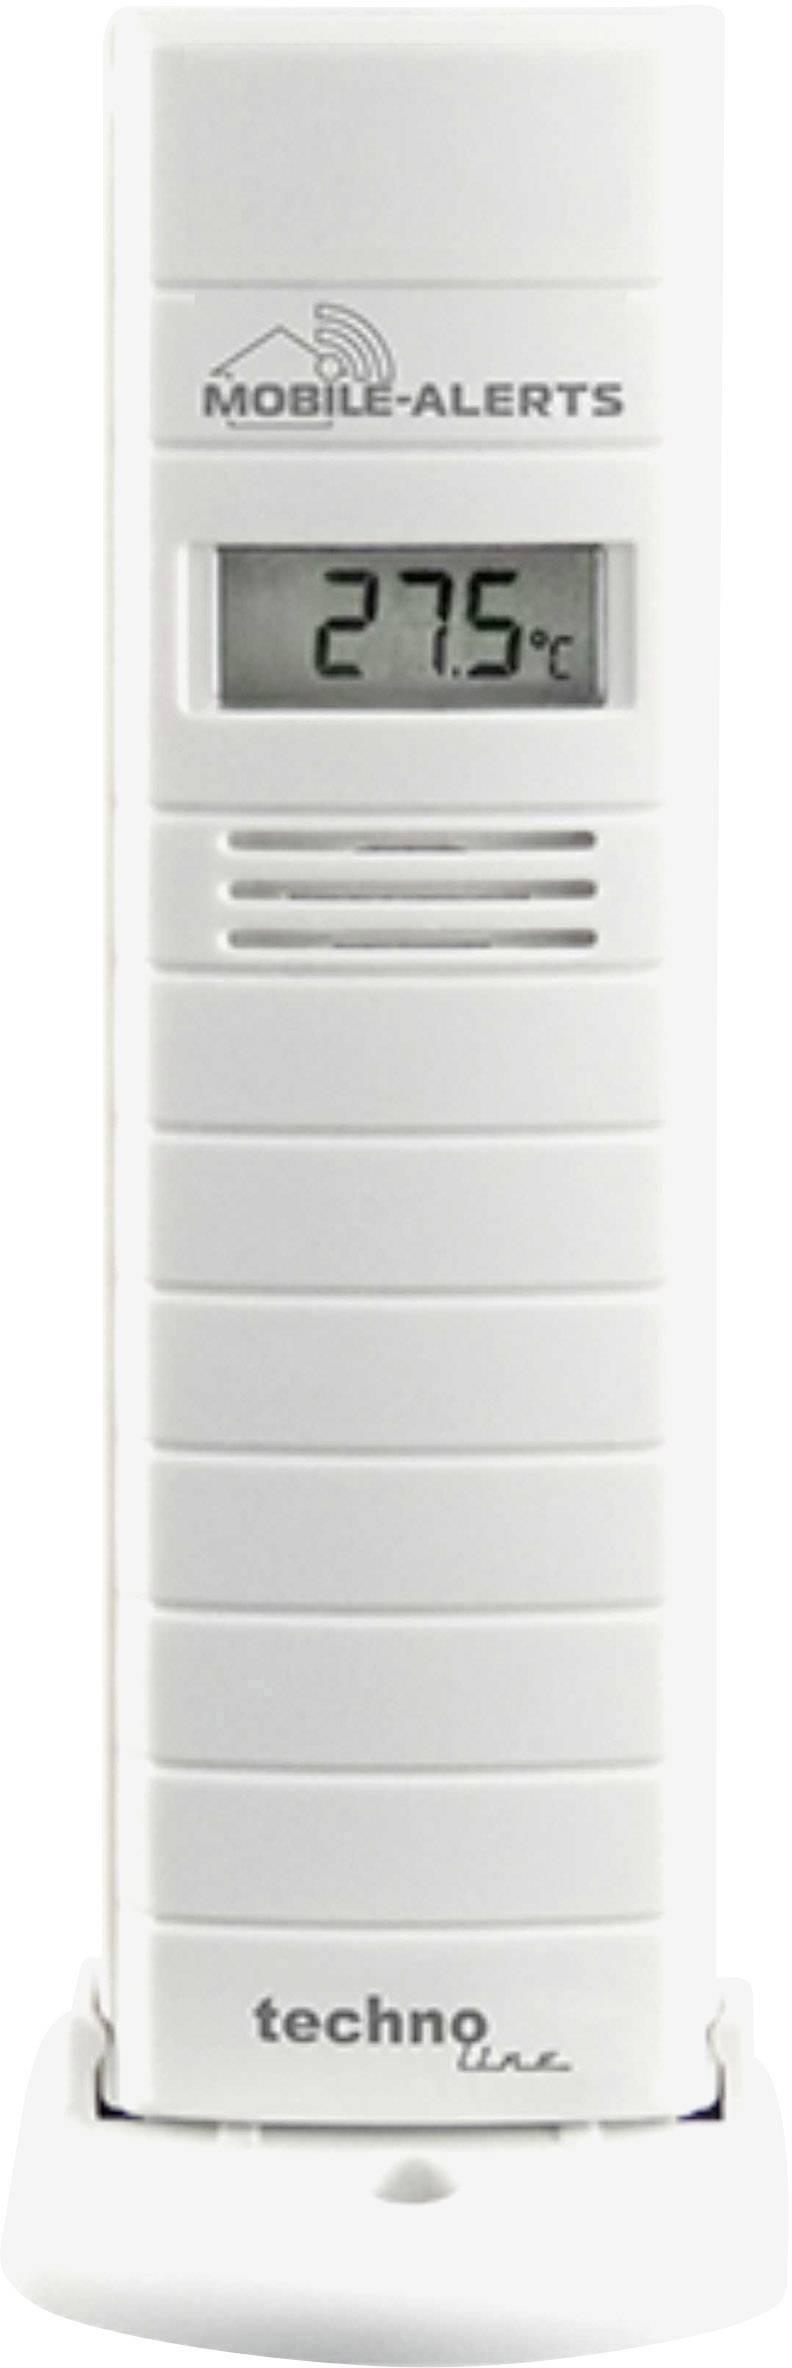 Teplotní a vlhkostní senzor pro Techno Line Mobile Alerts, MA 10200